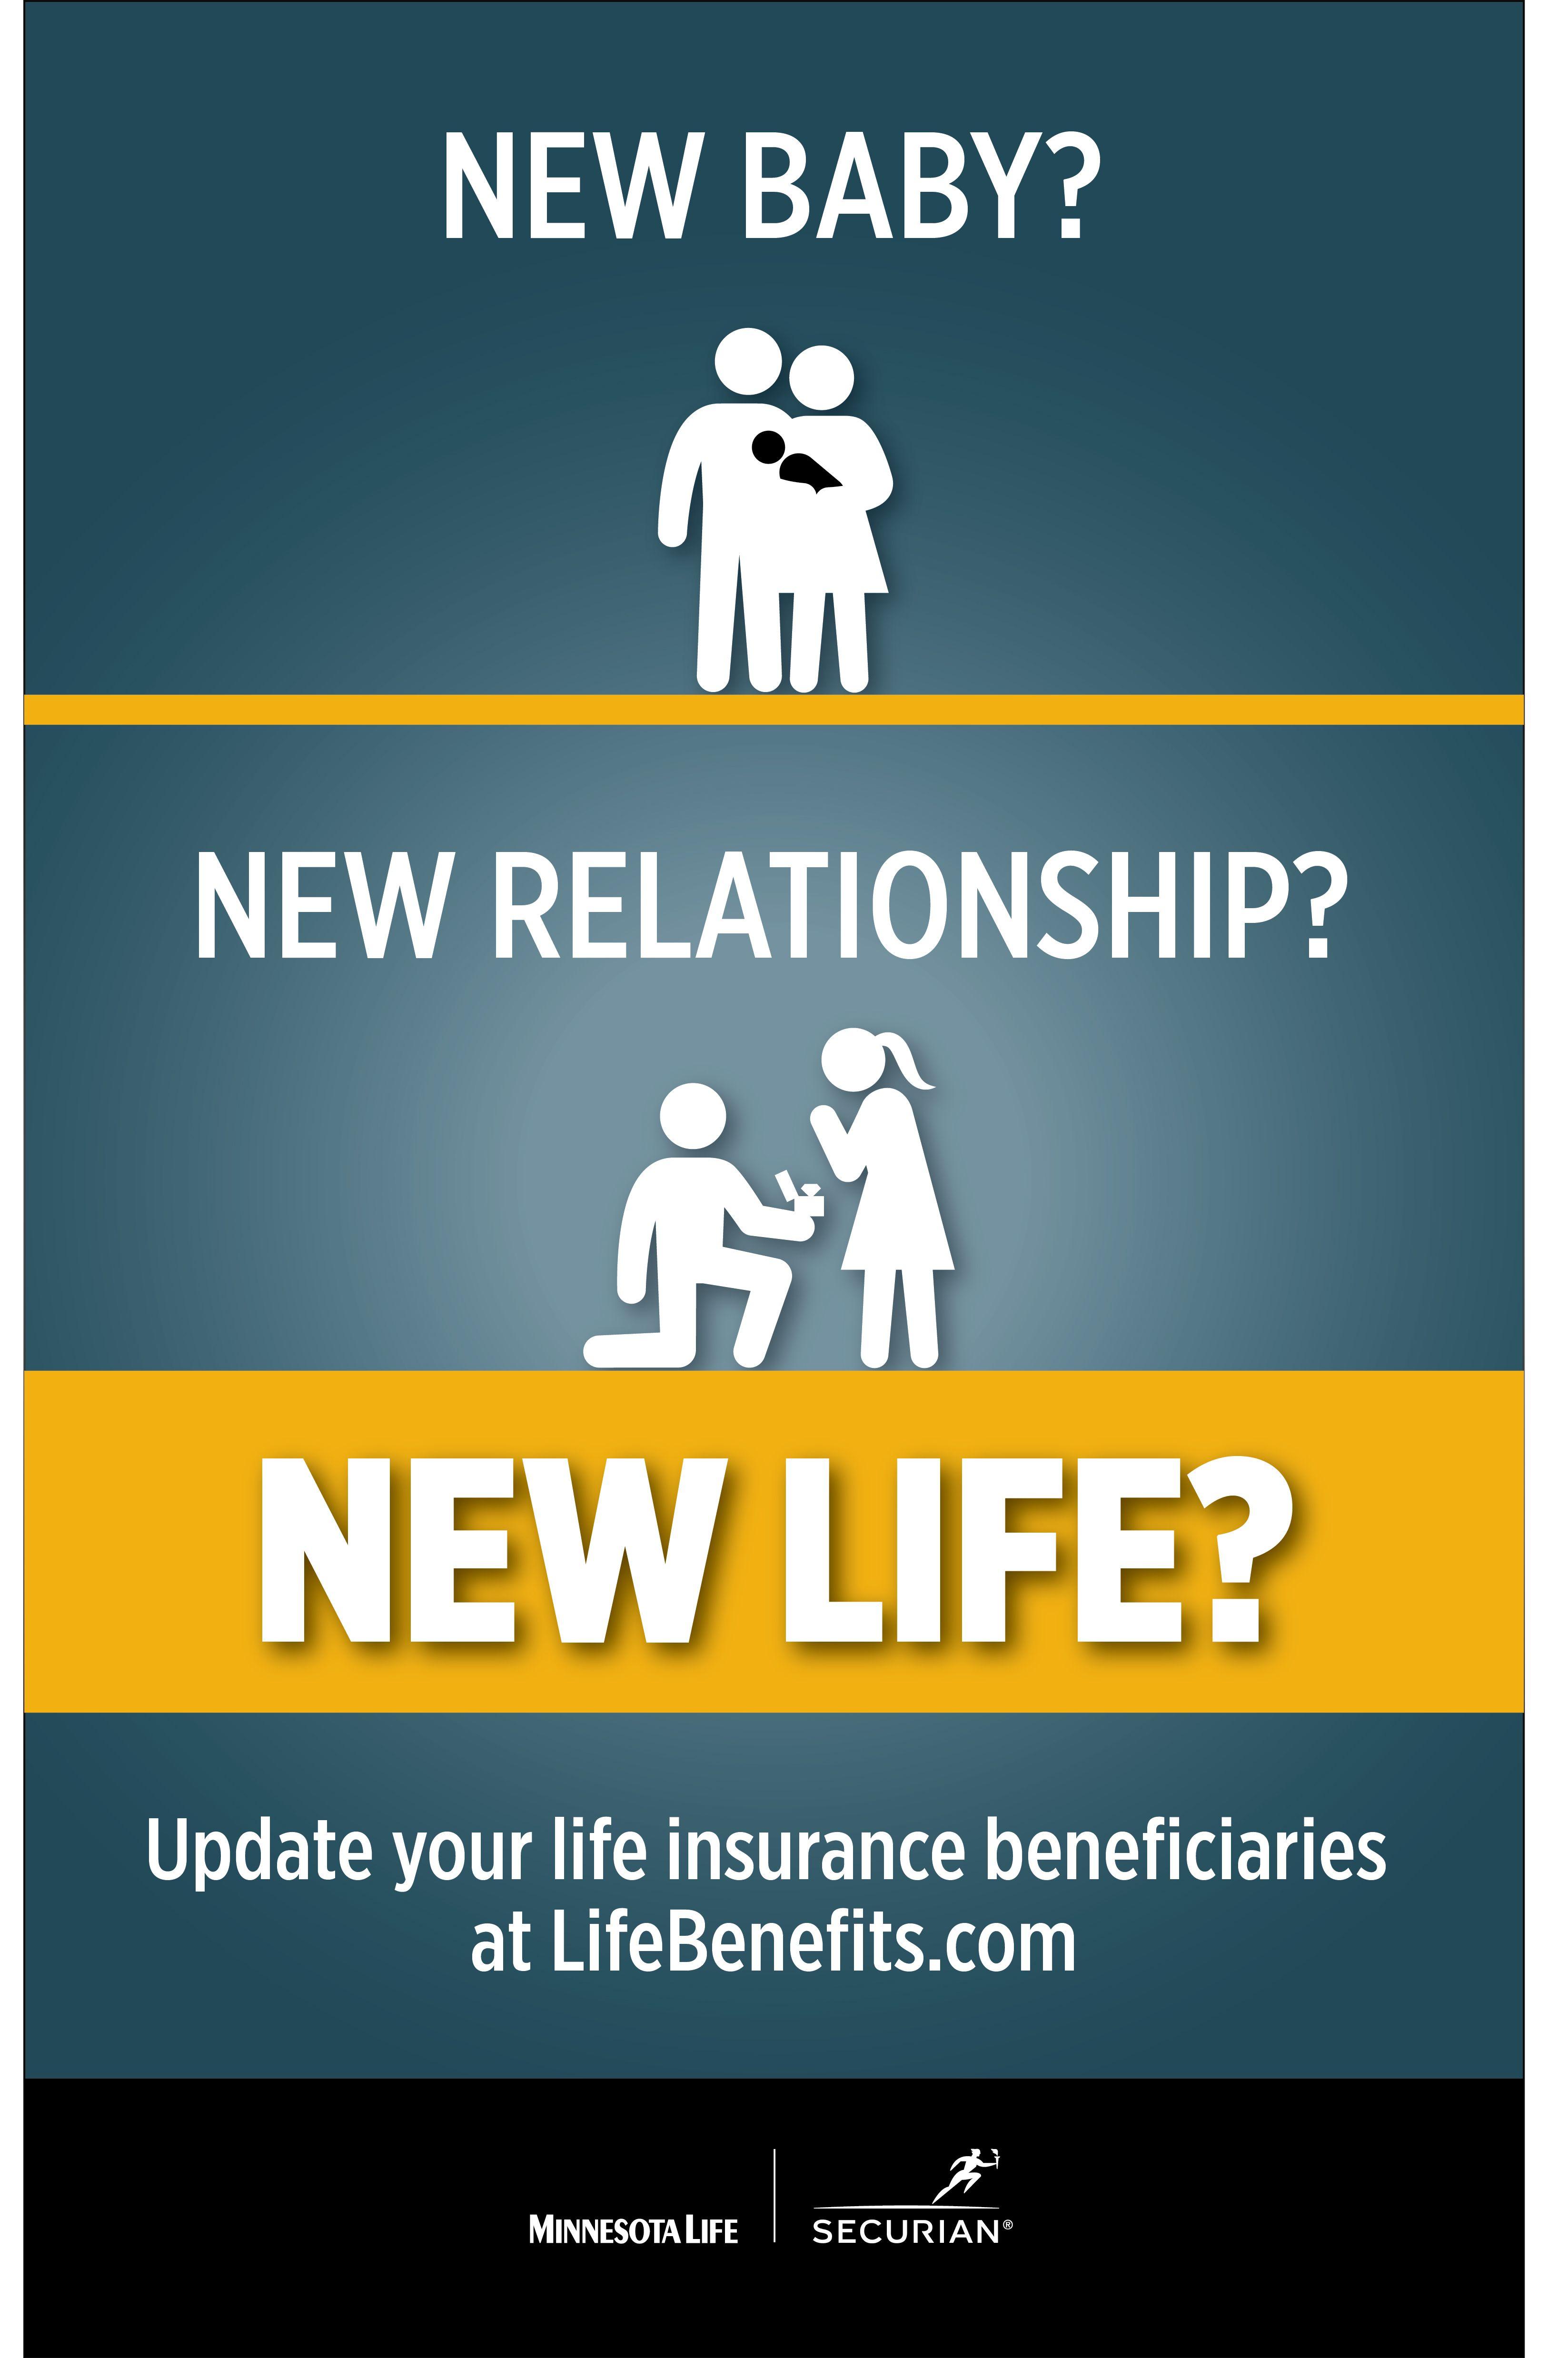 From Minnesota Life Insurance Company Life Insurance Beneficiary